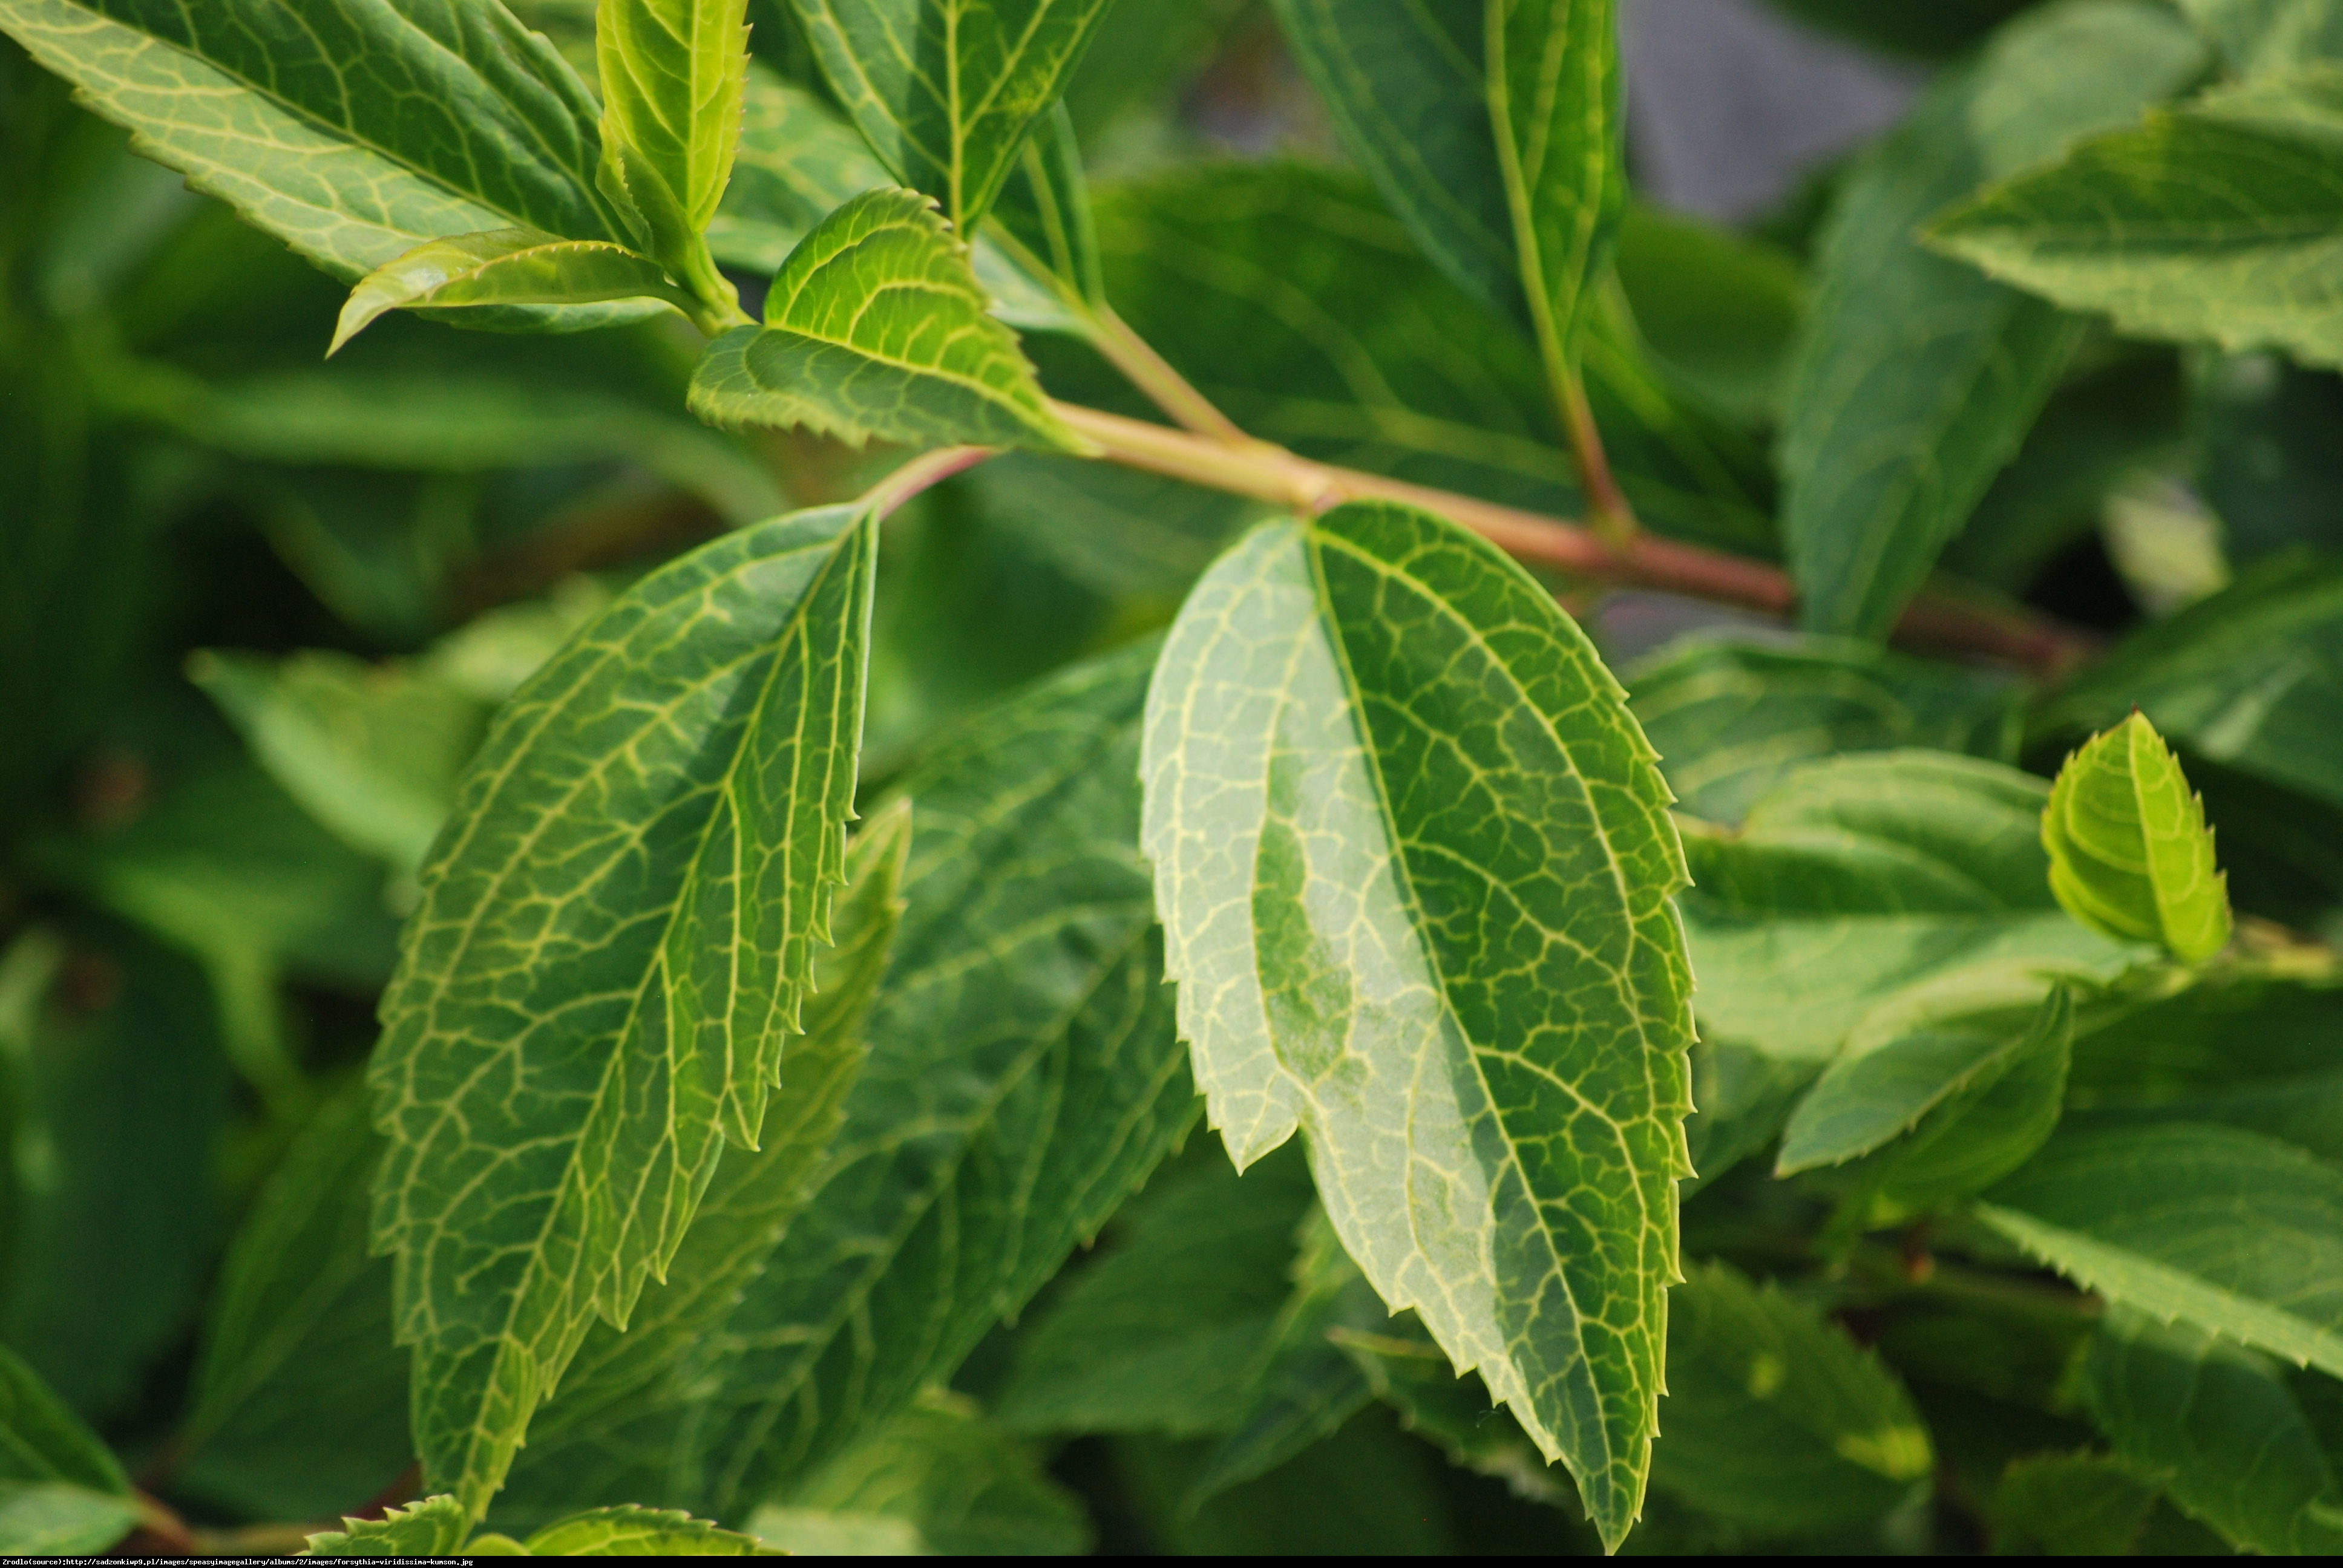 Forsycja zielona Kumson  - Forsythia viridissima Kumson